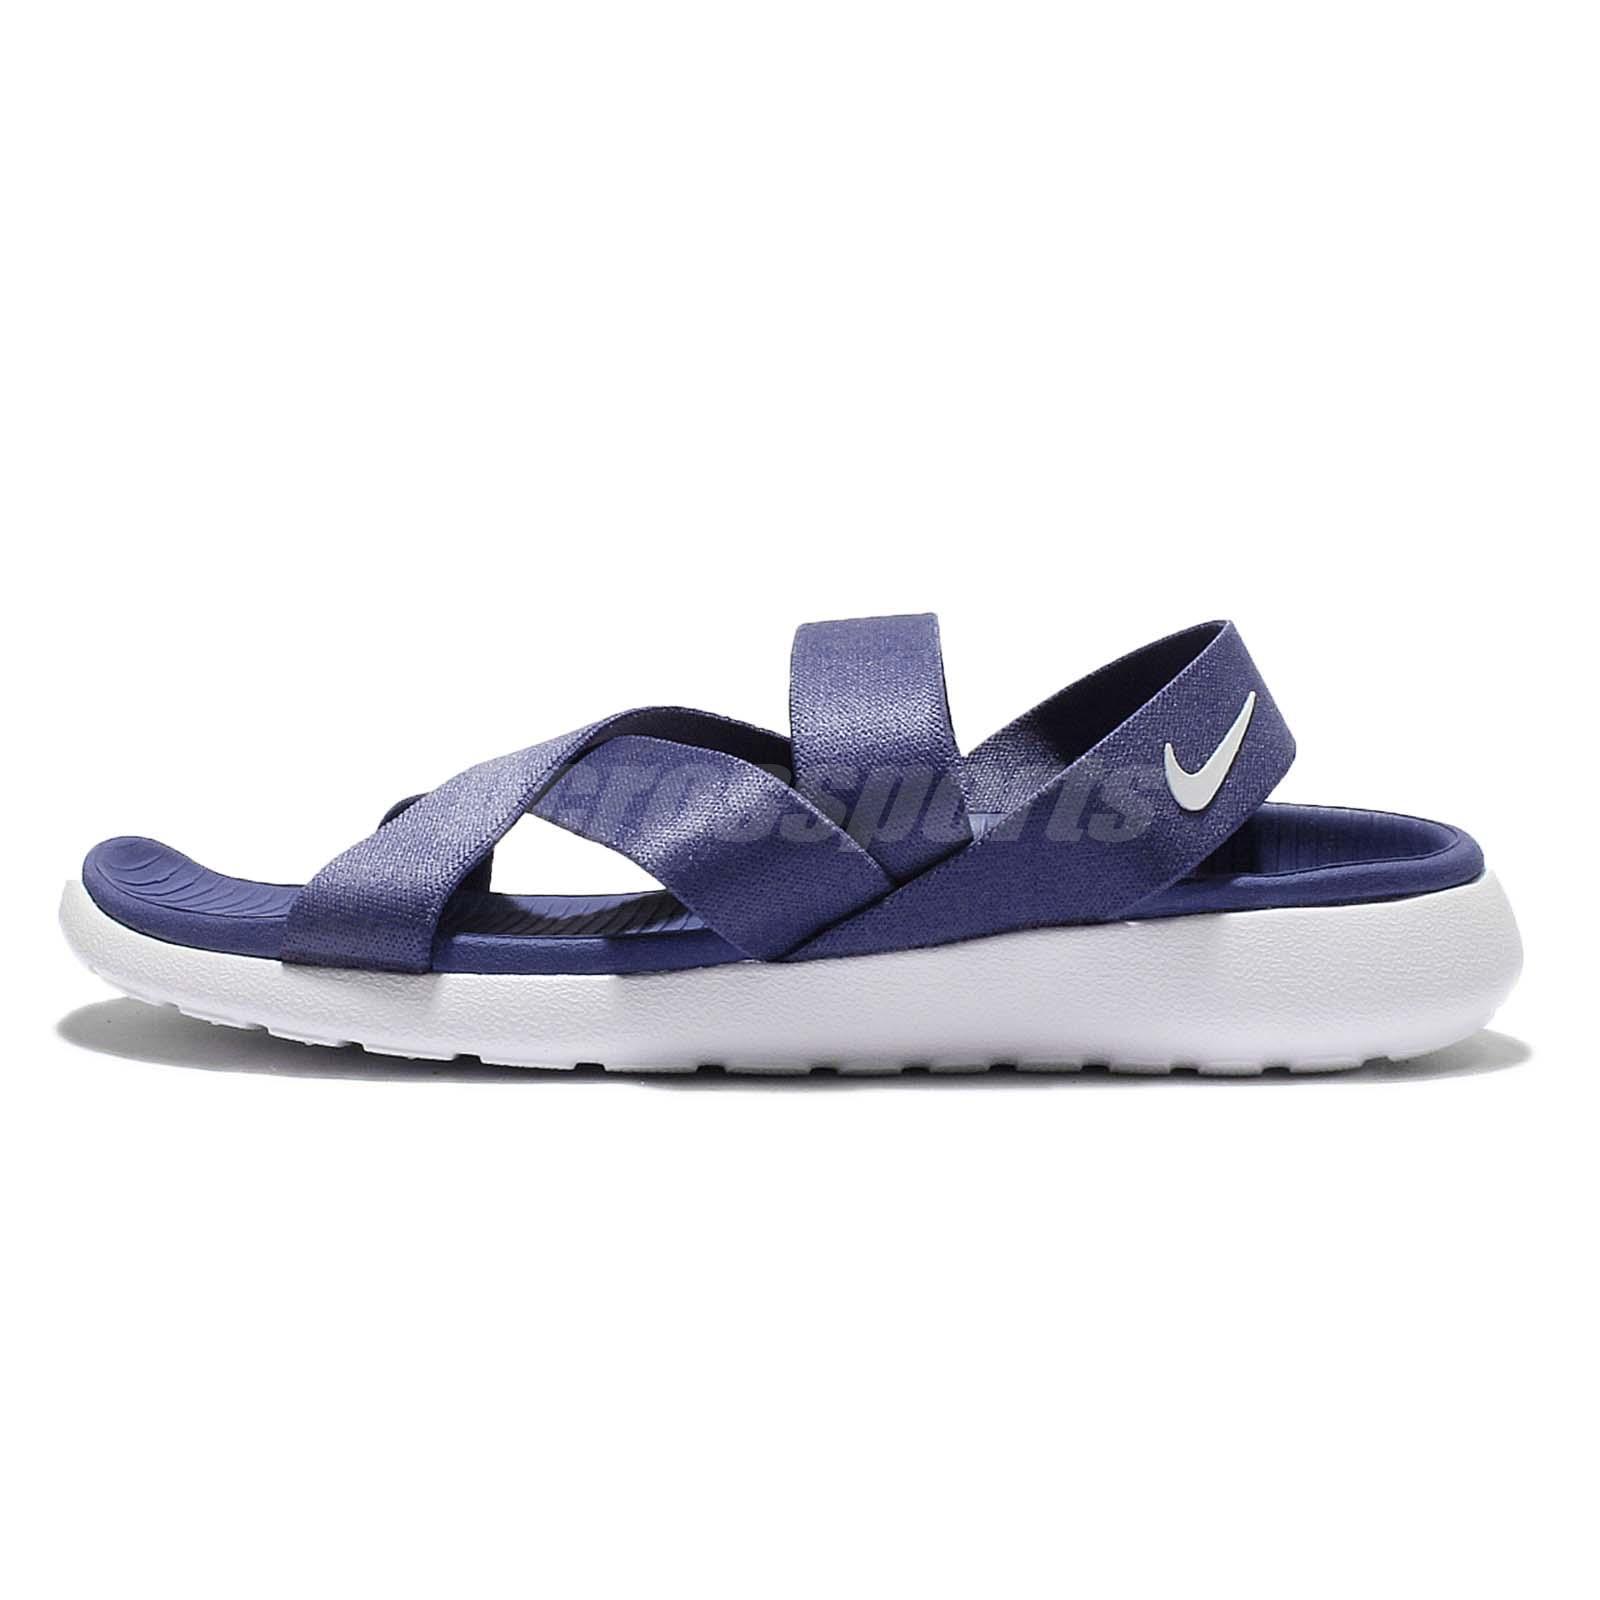 Nike Roshe One Sandal